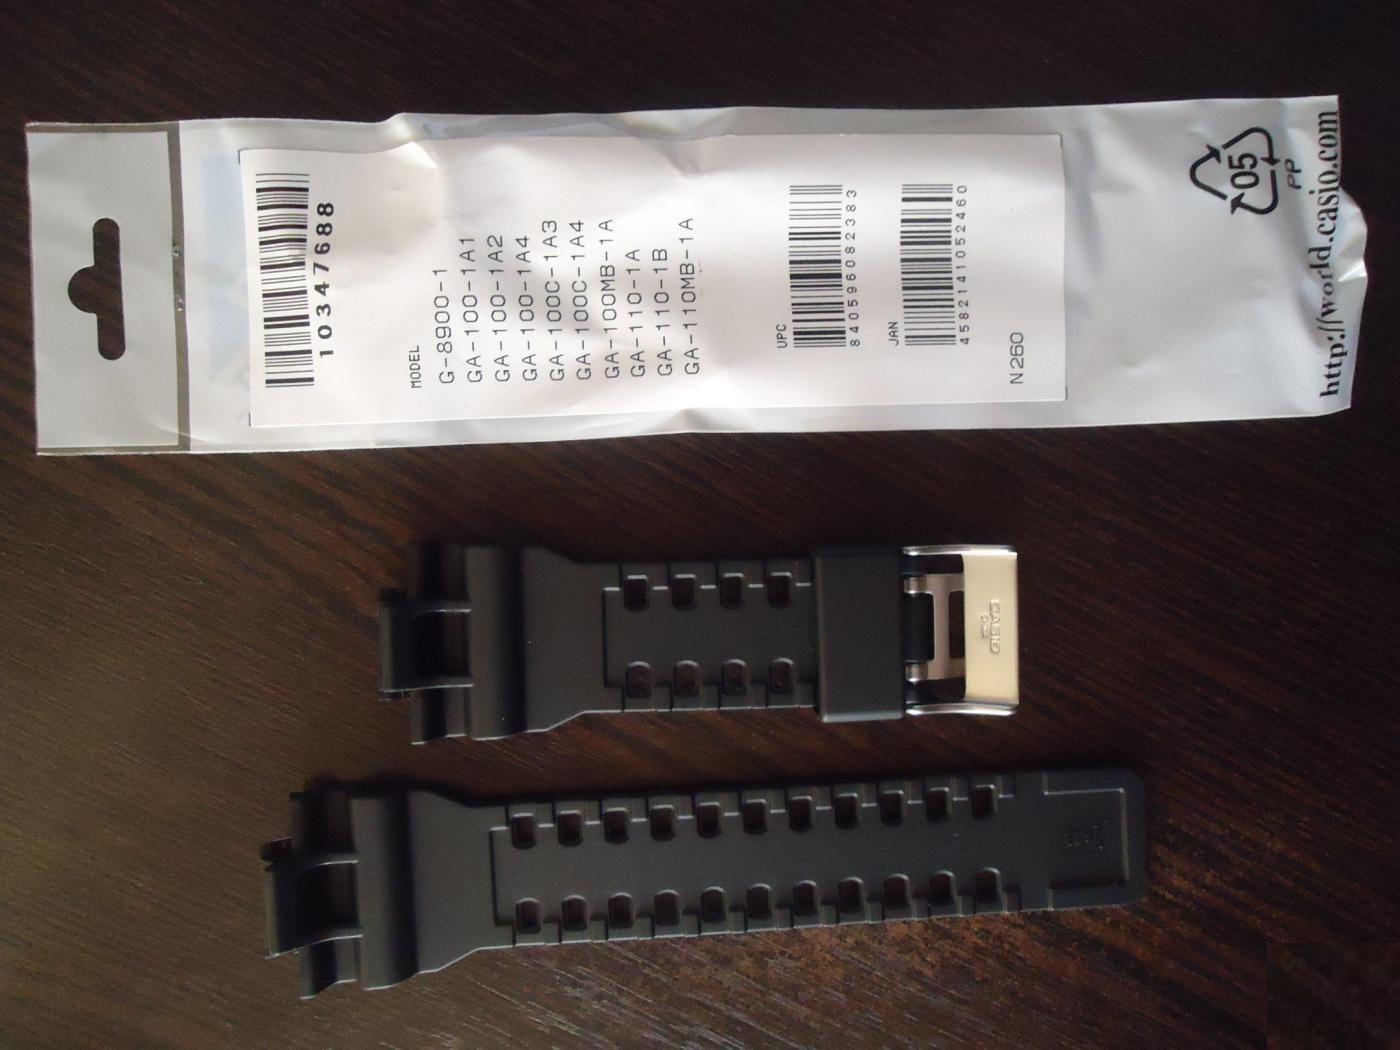 Casio G Shock Original Black Watch Band And 8 Similar Items Gac 110 1adr Strap Ga 100 1a1